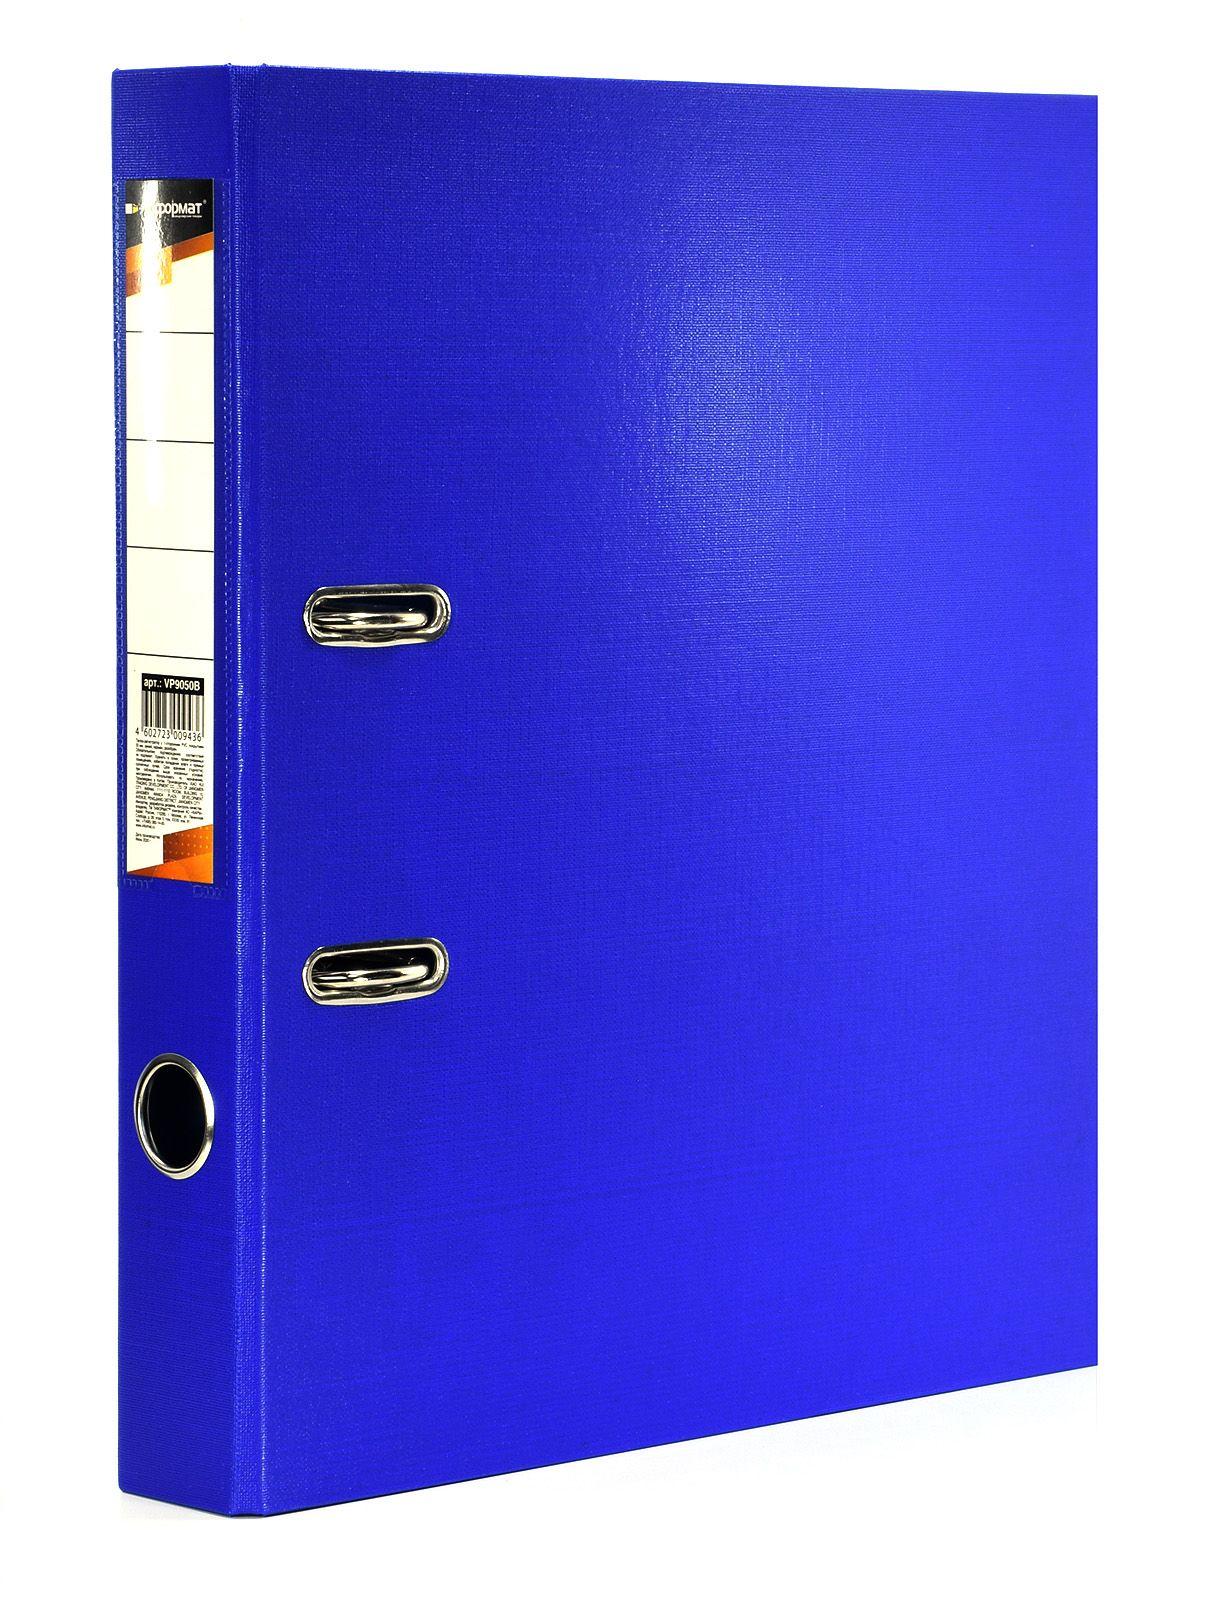 Папка-регистратор INFORMAT 55 мм одностороннее покрытие PVC, синяя